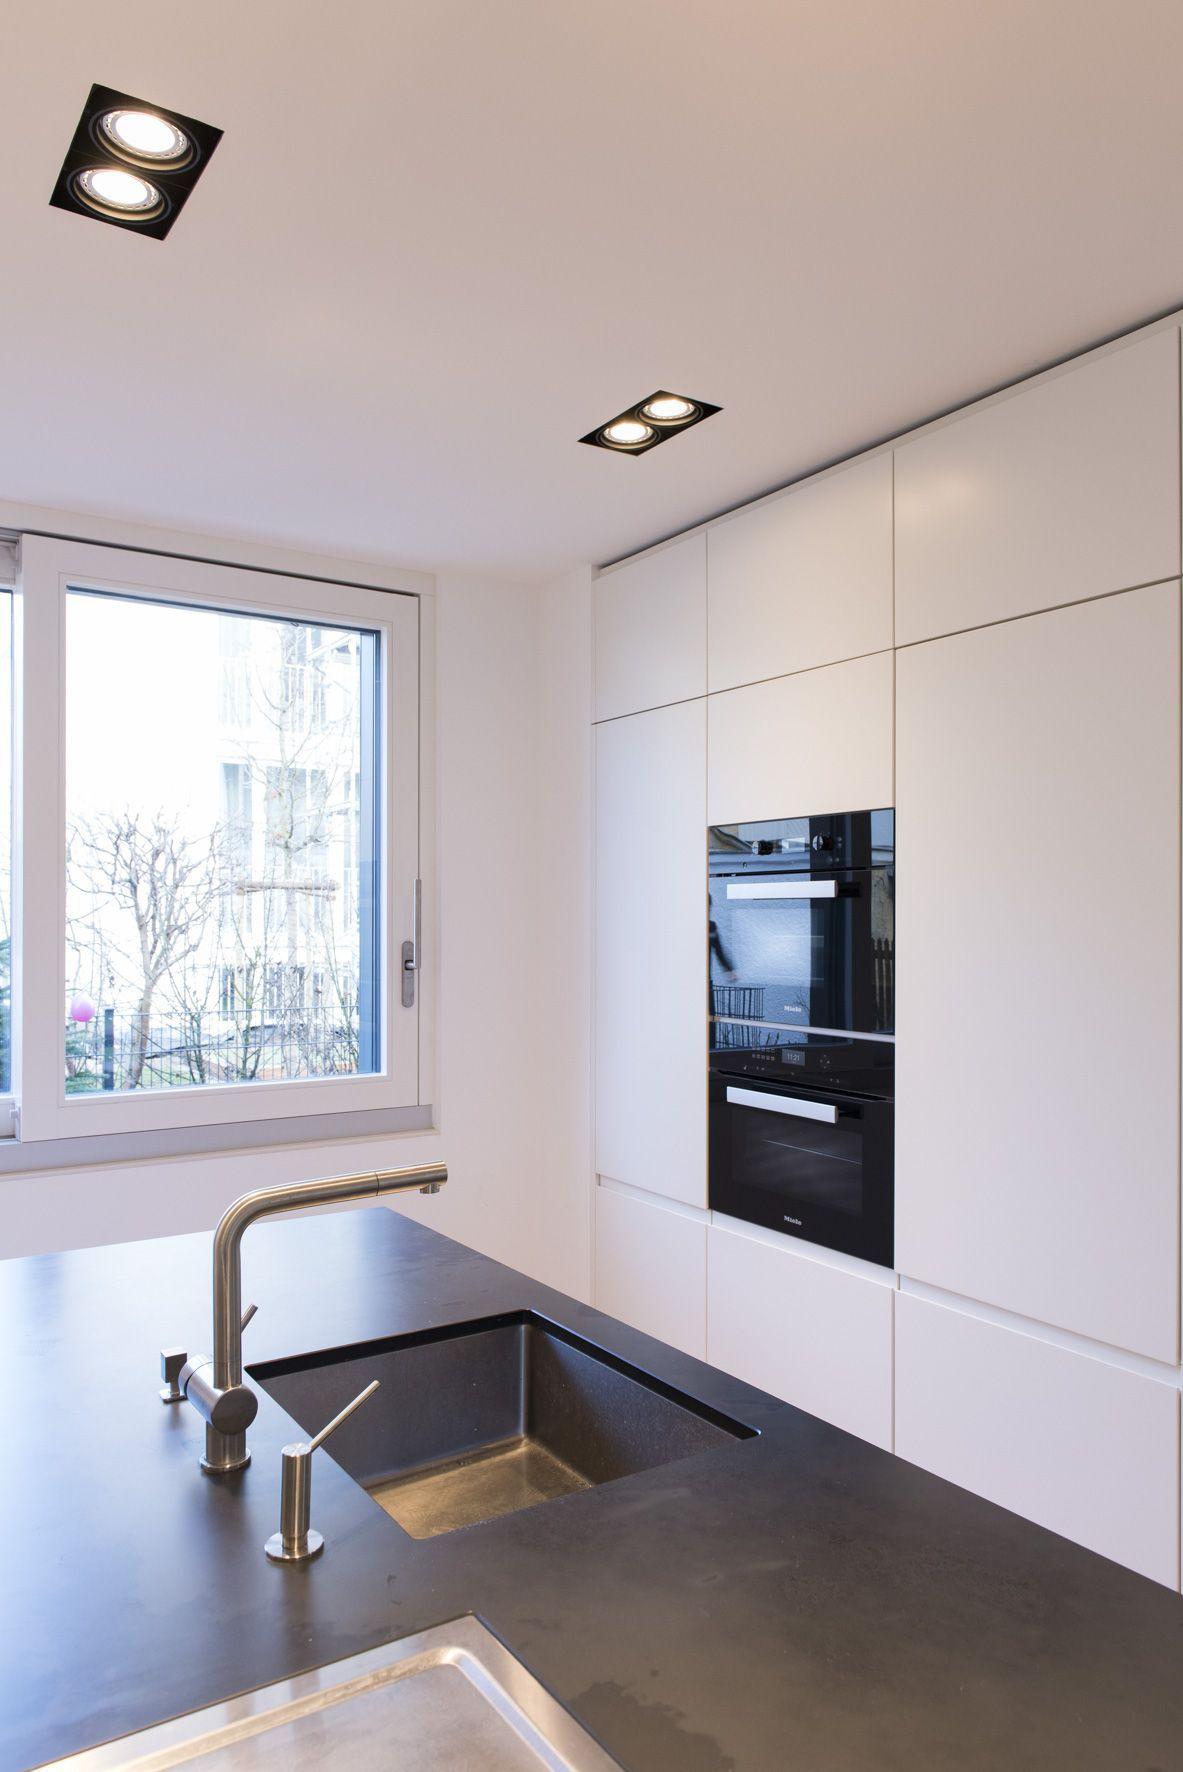 Loft78 Com Weisse Grifflose Kuche Arbeitsplatte Dunkler Schiefer Get Inspire In 2020 Moderne Weisse Kuchen Kuche Beton Arbeitsplatte